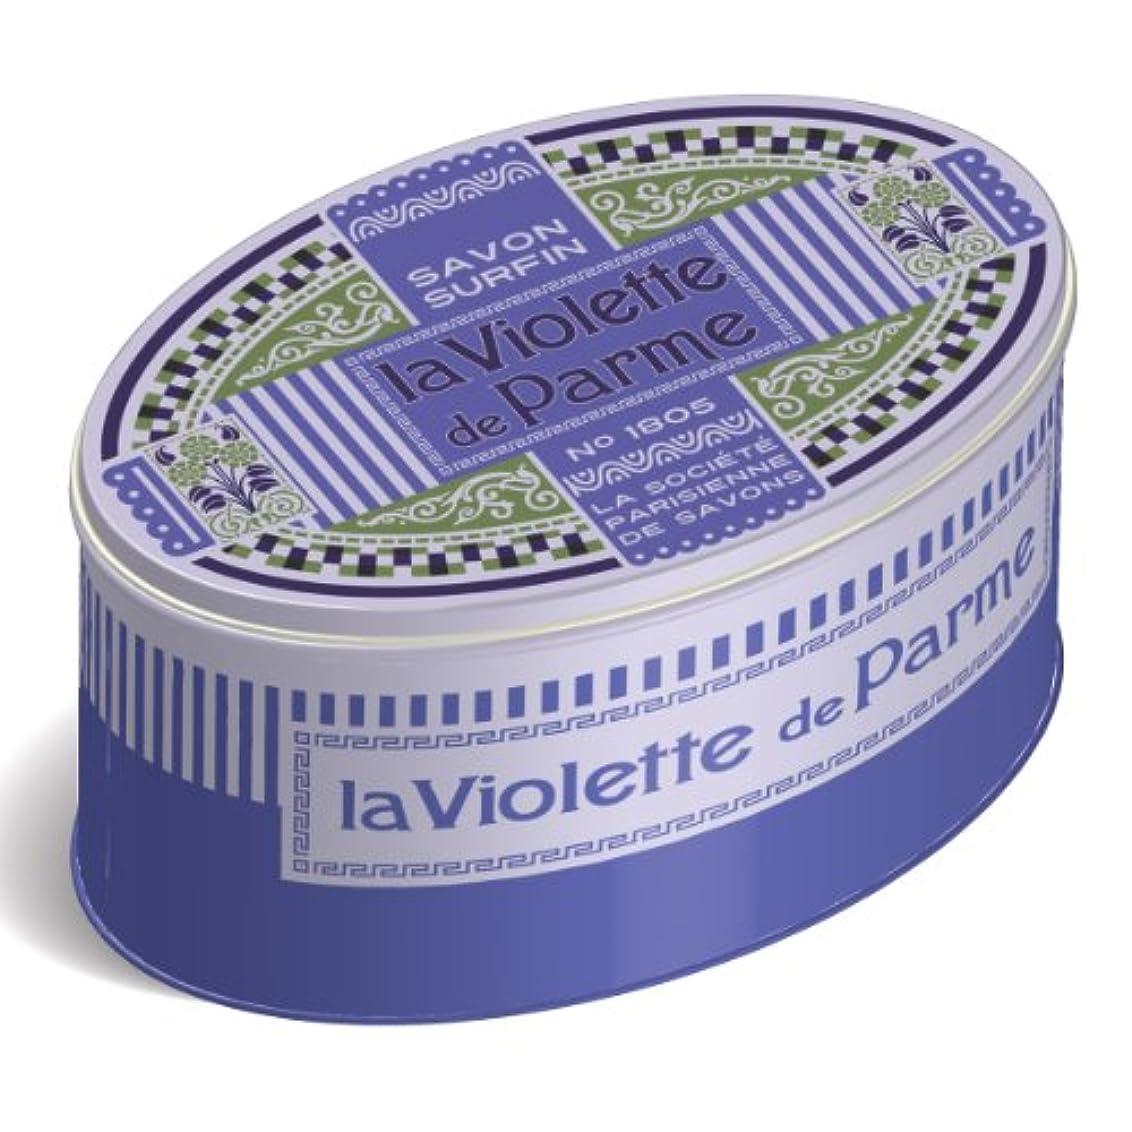 勢い韻社会LA SOCIETE PARISIENNE DE SAVONS フレグランスソープ(缶入) 250g 「ラヴィオットデパルム」 3440576130614